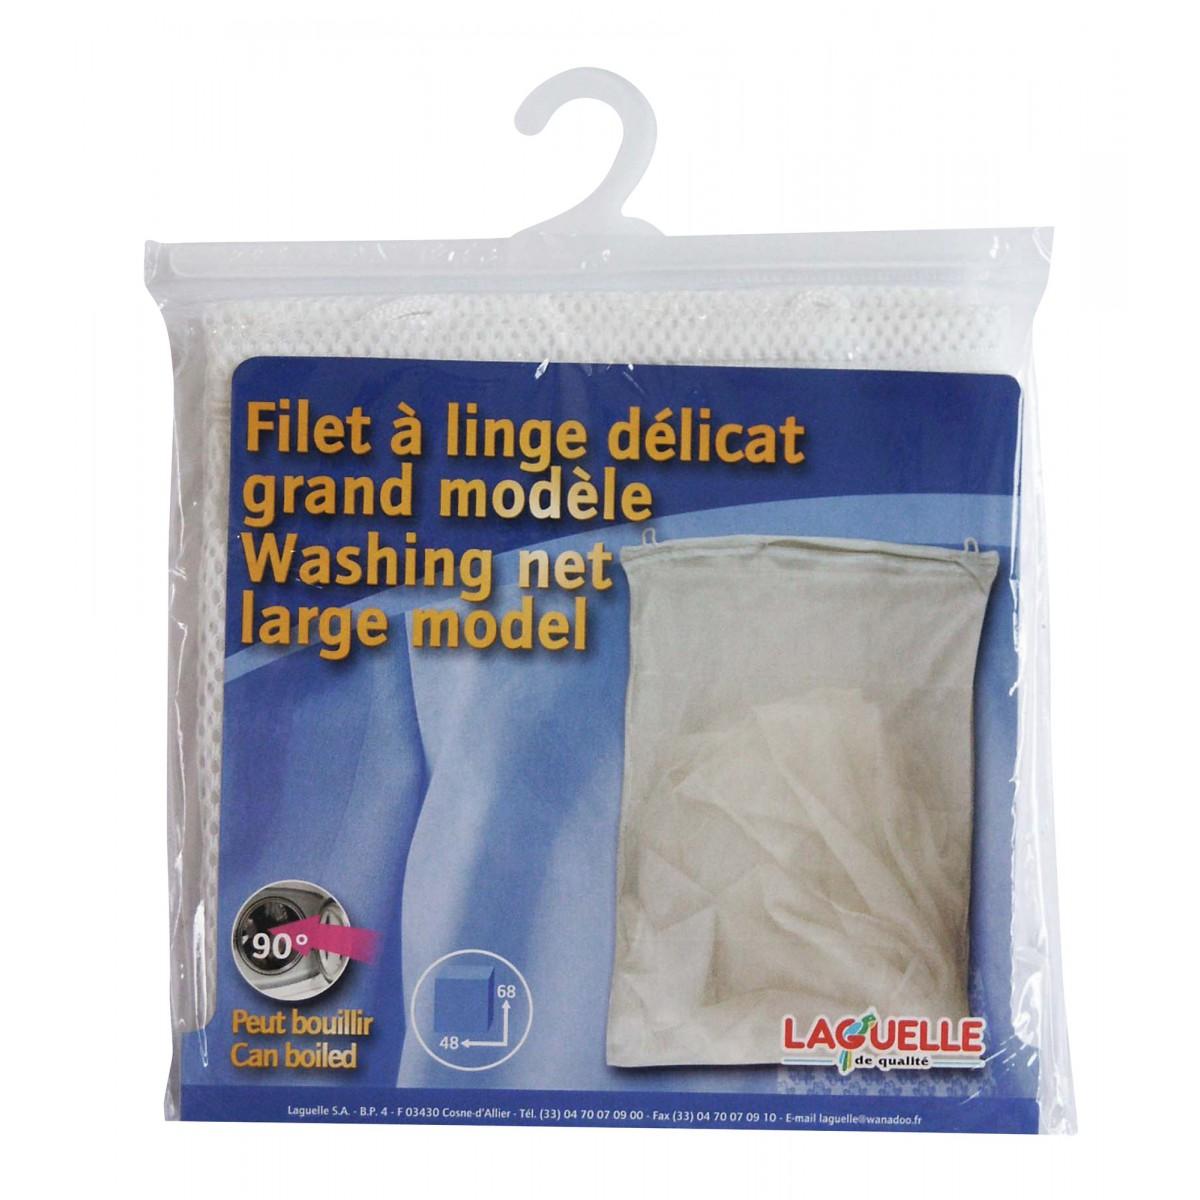 Filet pour lavage en machine Laguelle - Dimensions 48 x 68 cm